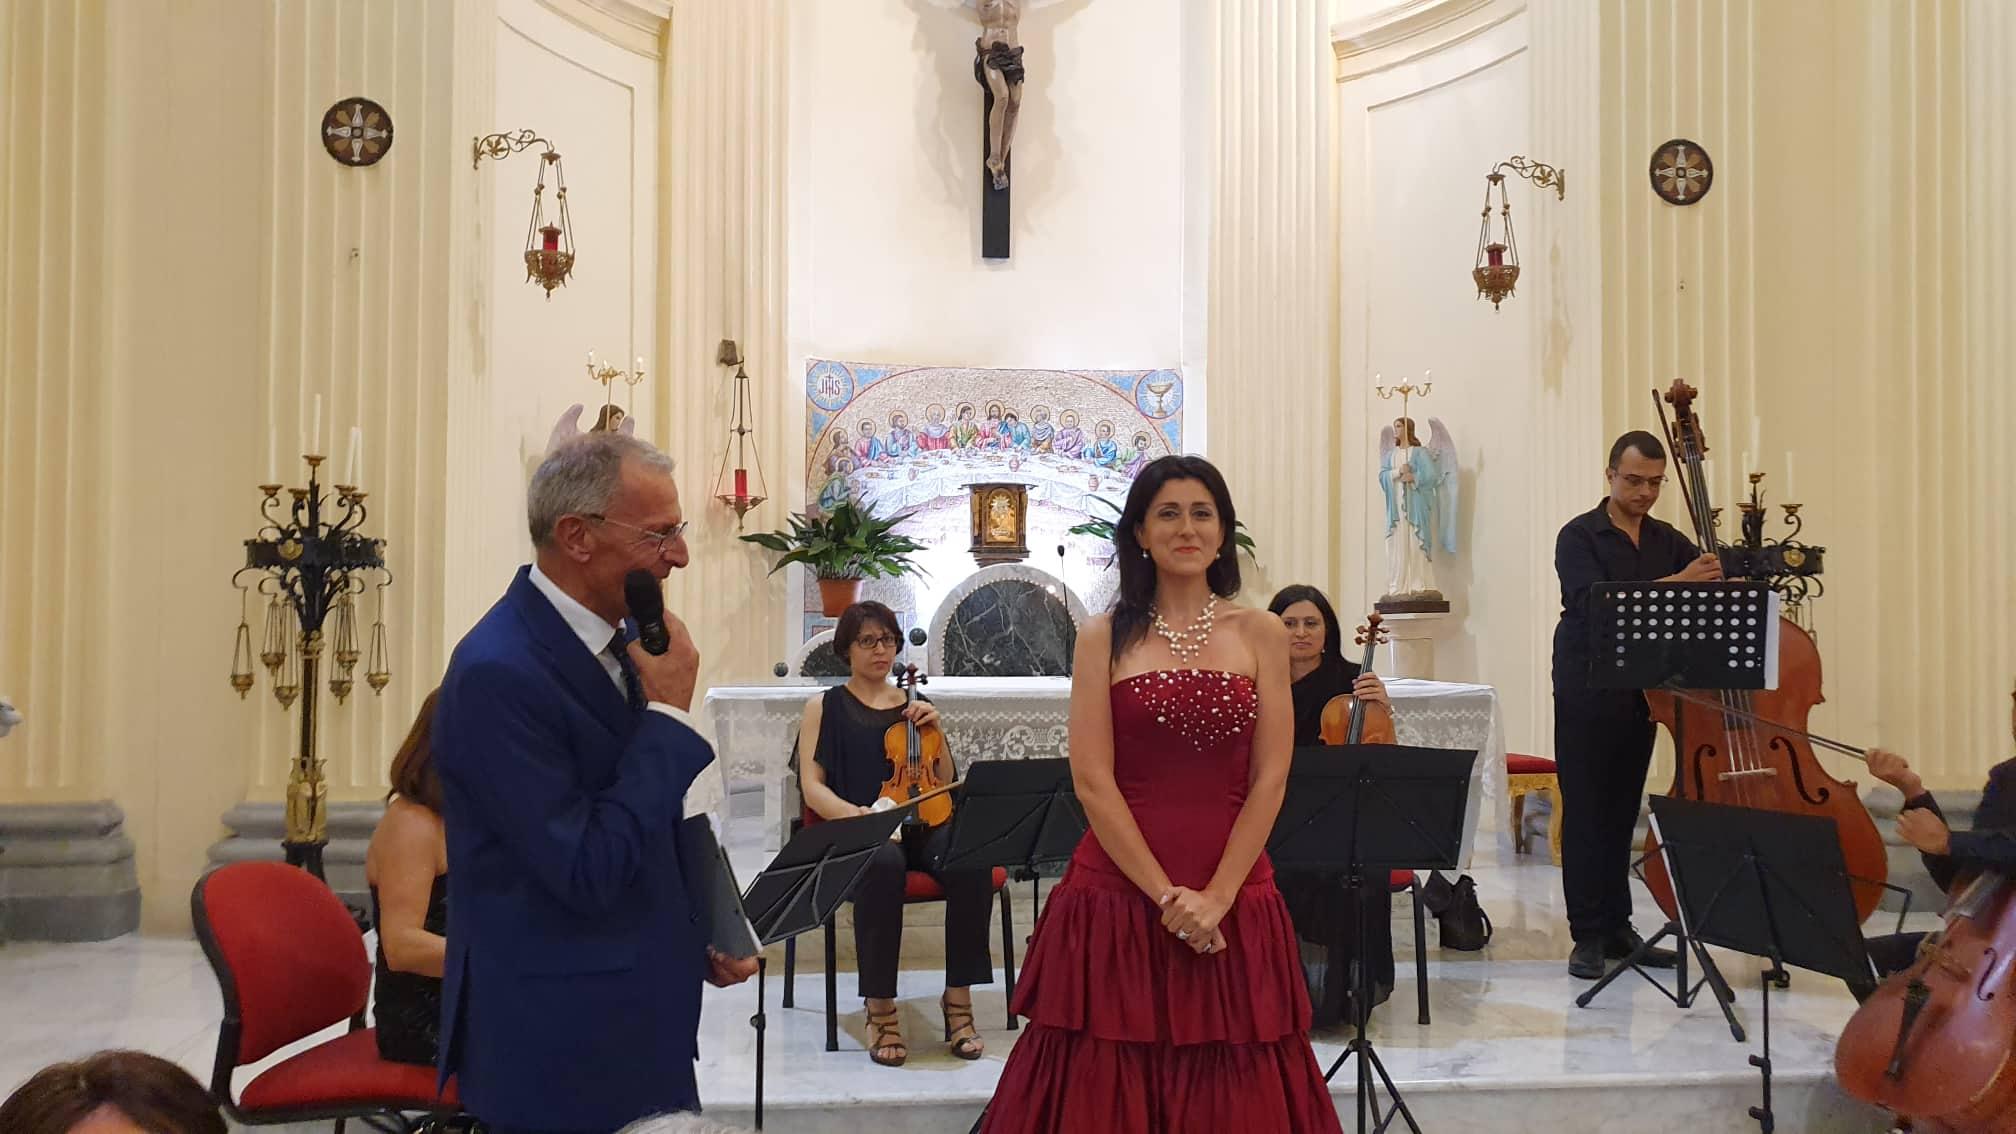 Gran Concerto di fine anno a Jenne con il soprano Angela Nicoli, coro ed orchestra top level